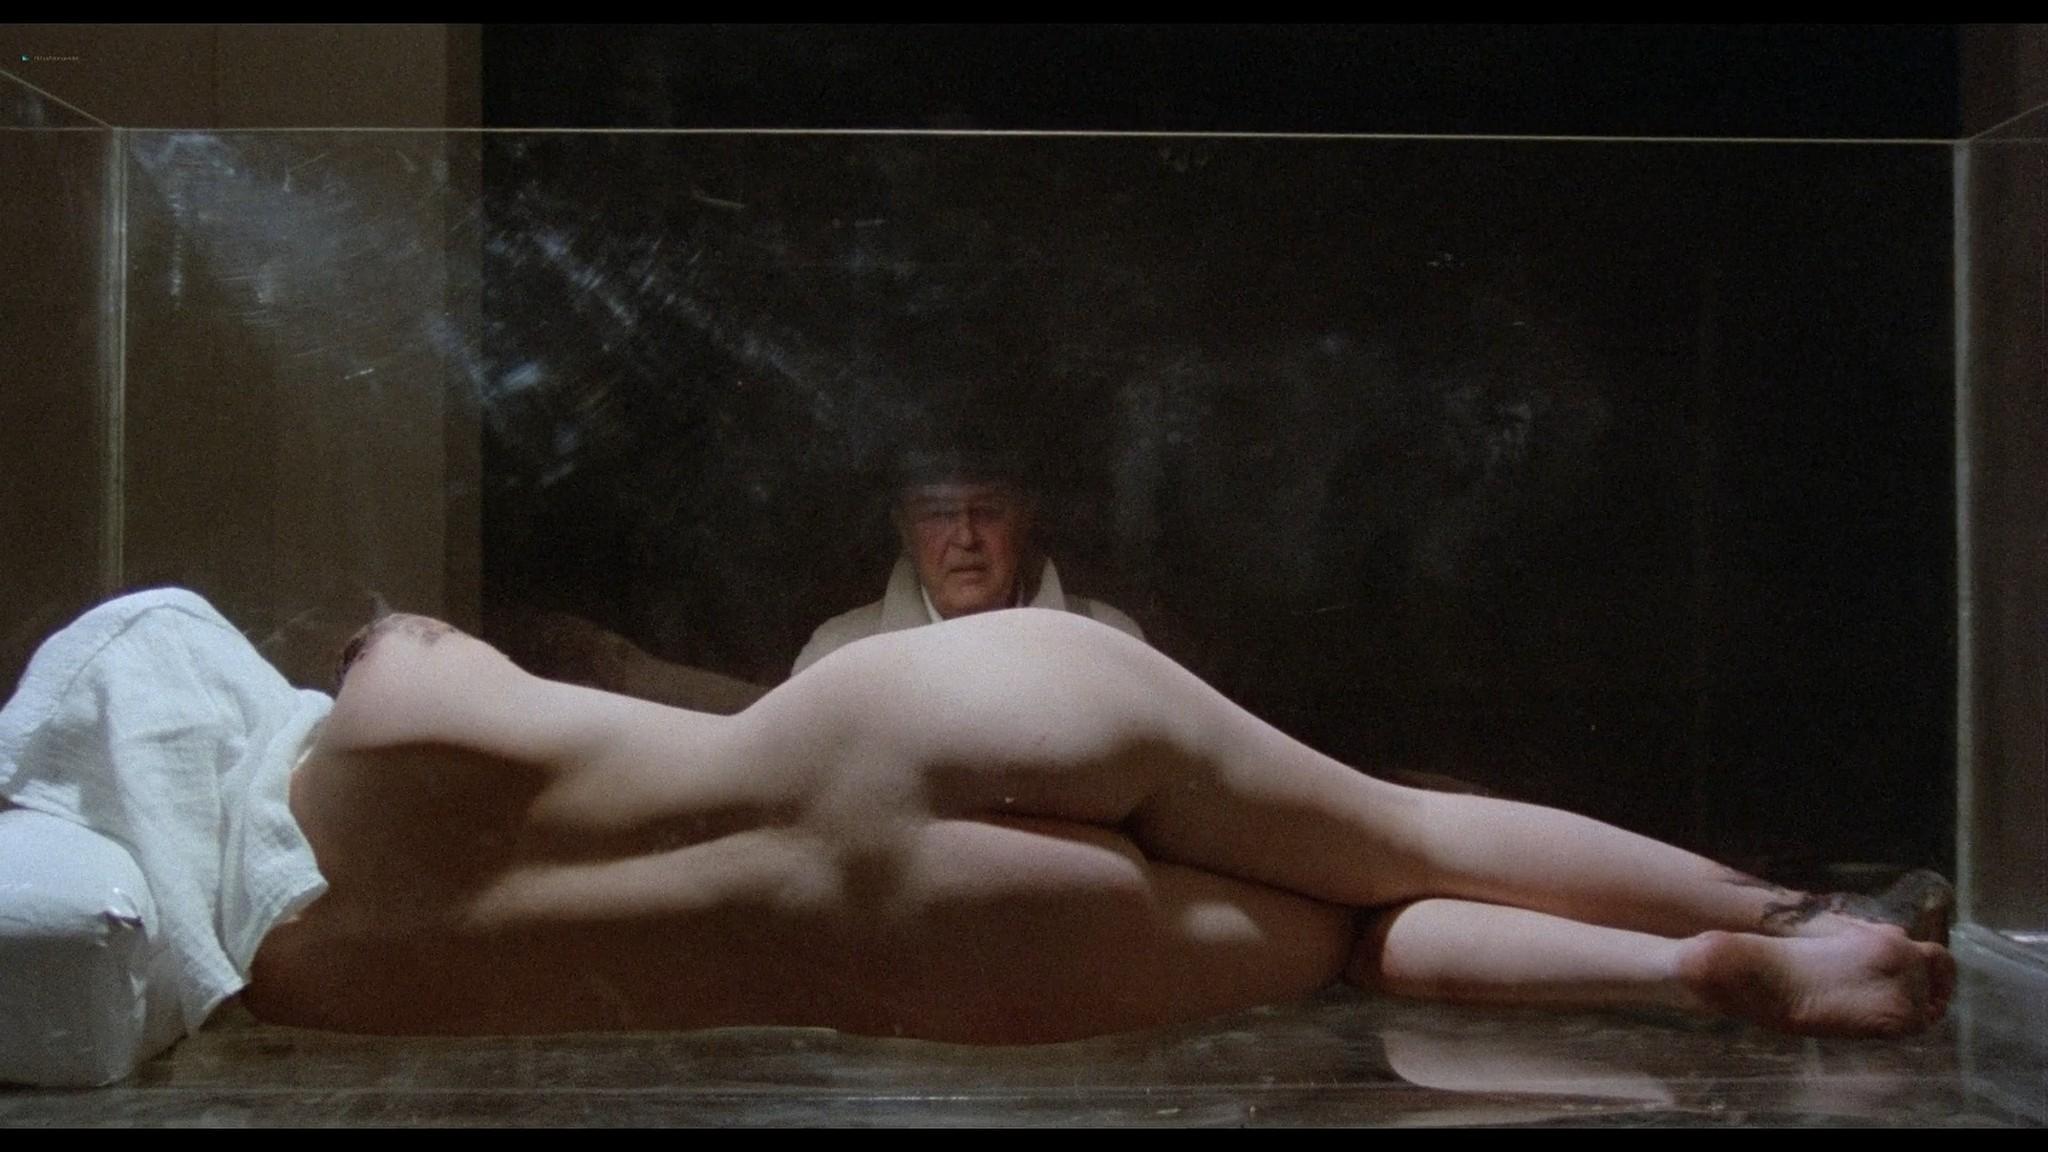 Dalila Di Lazzaro nude full frontal Vanessa Vitale nude – La ragazza dal pigiama giallo IT 1977 1080p BluRay REMUX 11